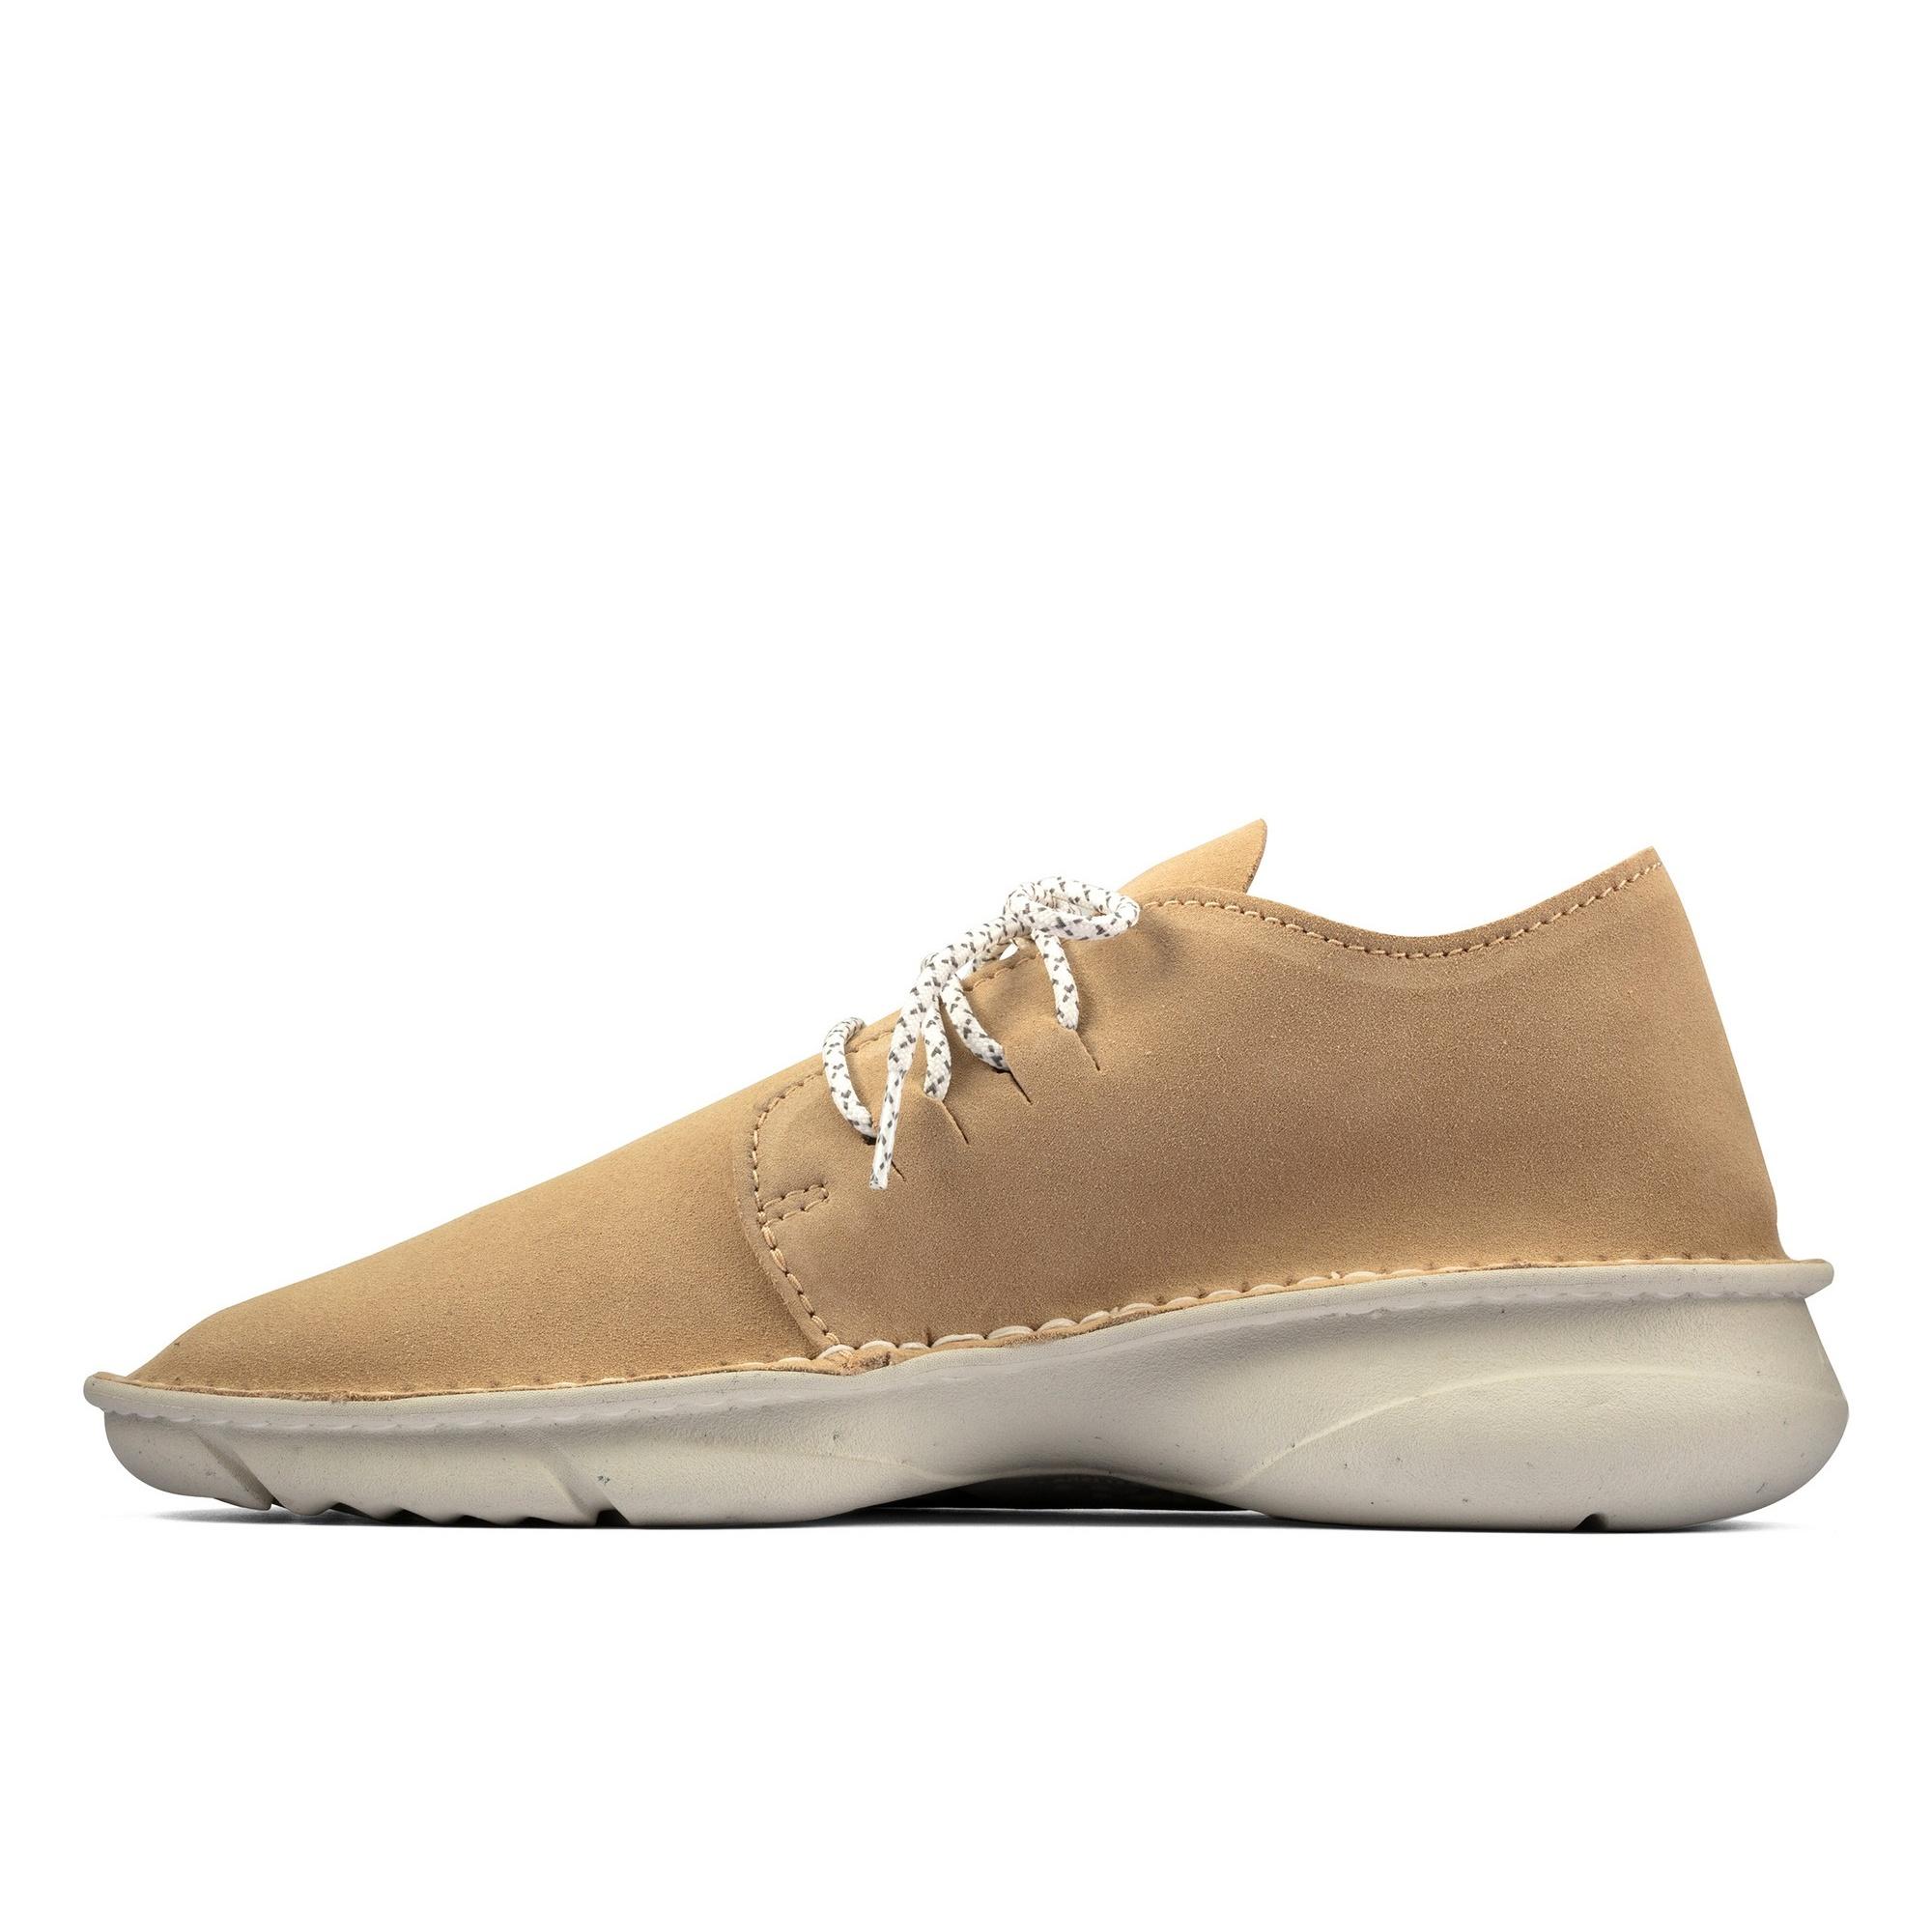 miniature 11 - Clarks - Chaussures décontractées ORIGIN - Homme (CK114)